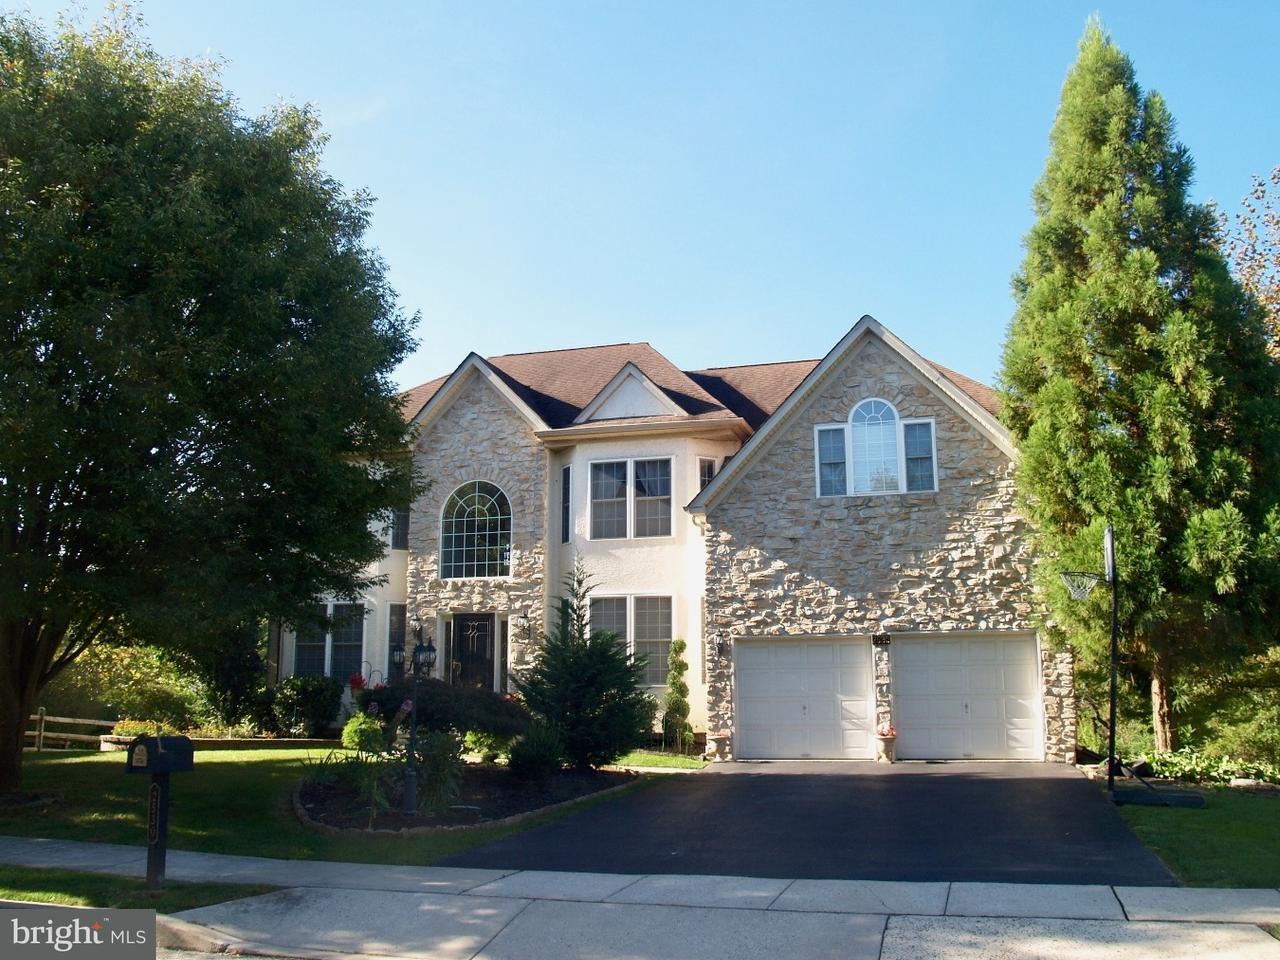 Частный односемейный дом для того Продажа на 2530 QUAIL RUN Lansdale, Пенсильвания 19446 Соединенные Штаты